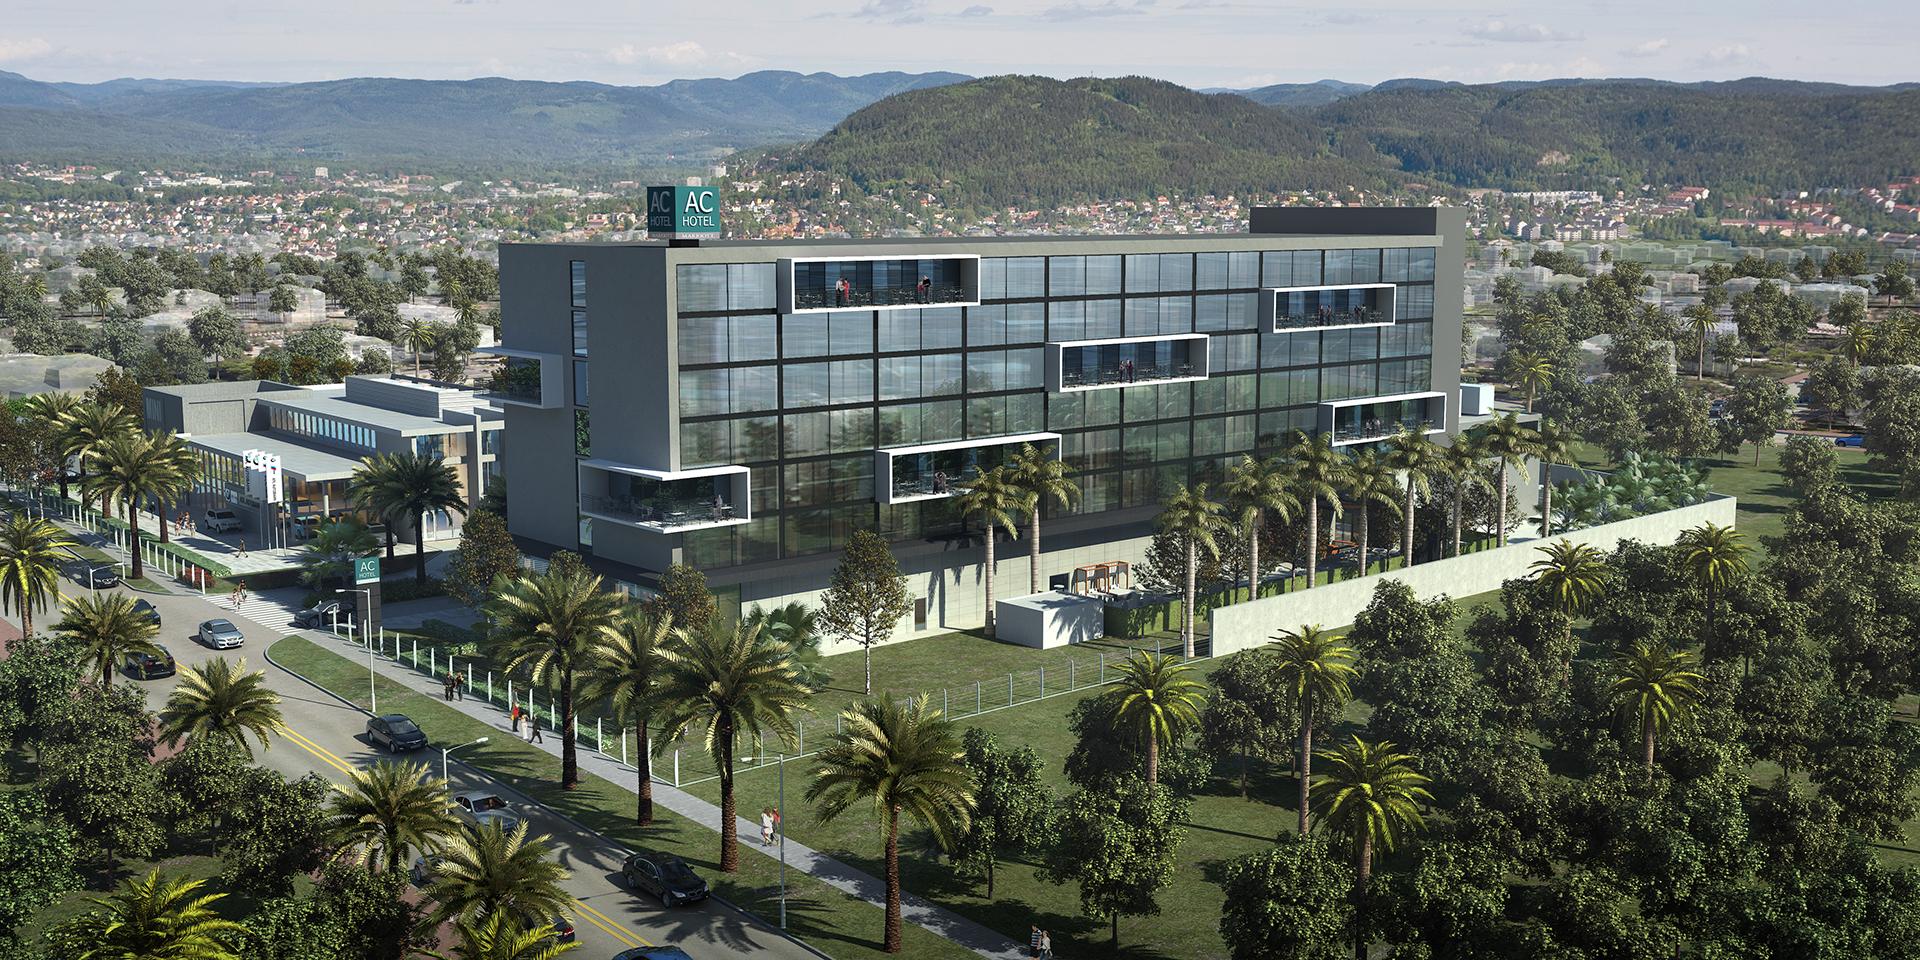 Emirates og Marriott har indgået aftale, hvor elitemedlemmer hos flyselskabet og hotelgiganten kan optjene bonuspoint hos hinanden. Et af Marriotts nyeste hoteller er dette AC Hotels by Marriott, der netop er åbnet i Jamaicas hovedstad, Kingston, med 219 værelser og suiter. Pressefoto fra Marriott.